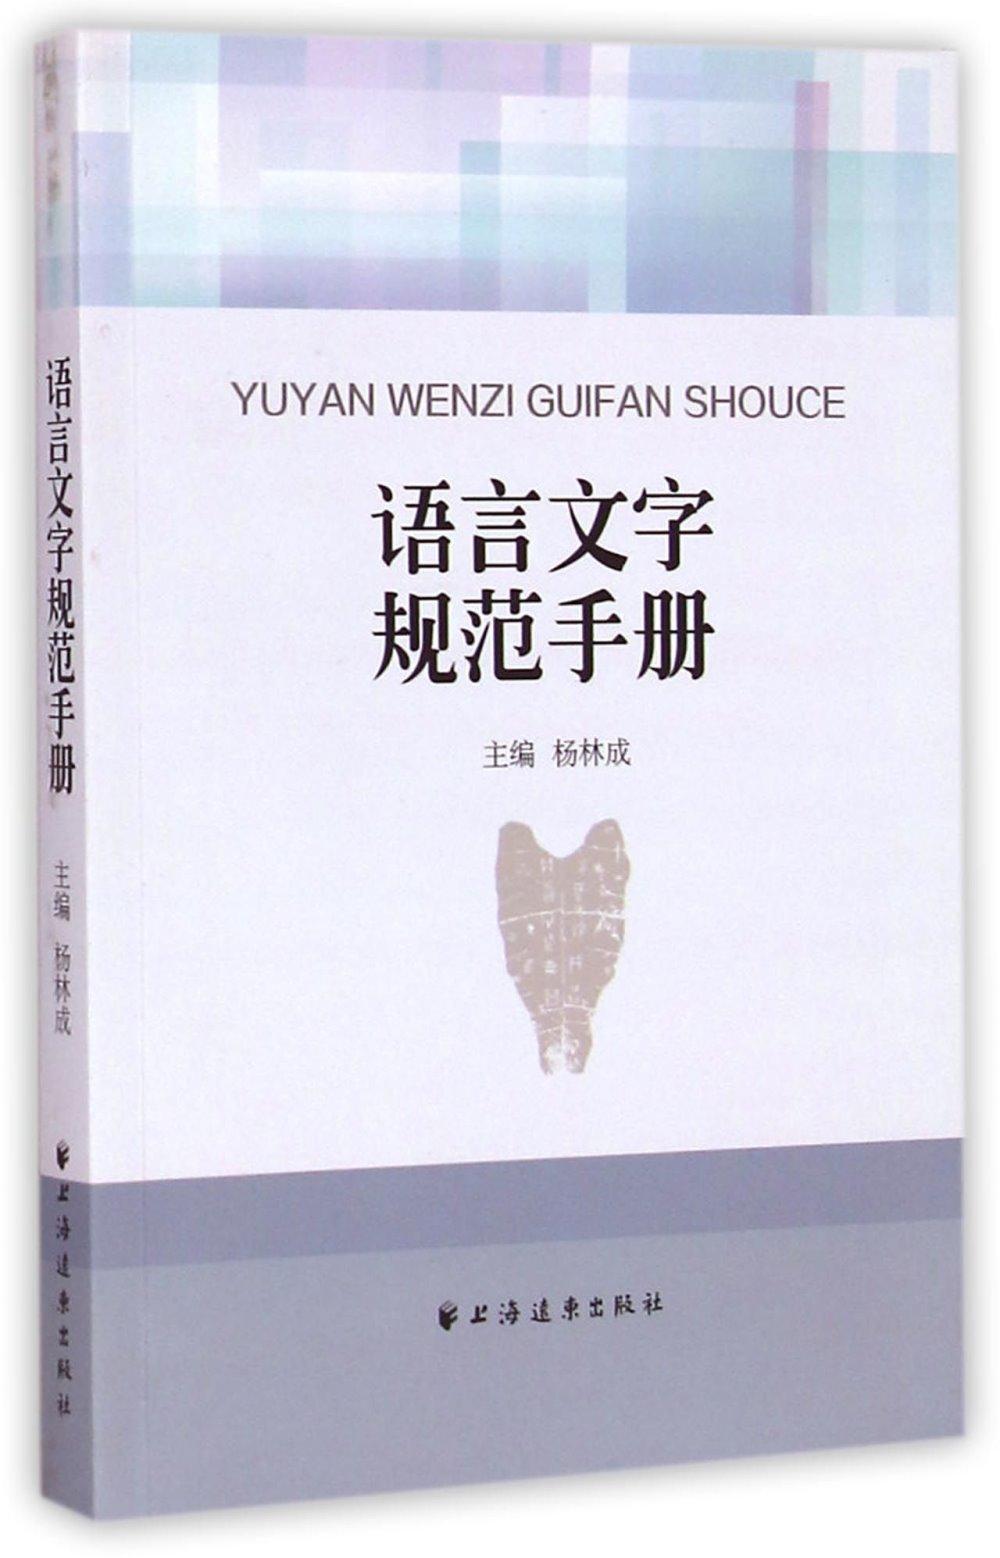 語言文字規范手冊